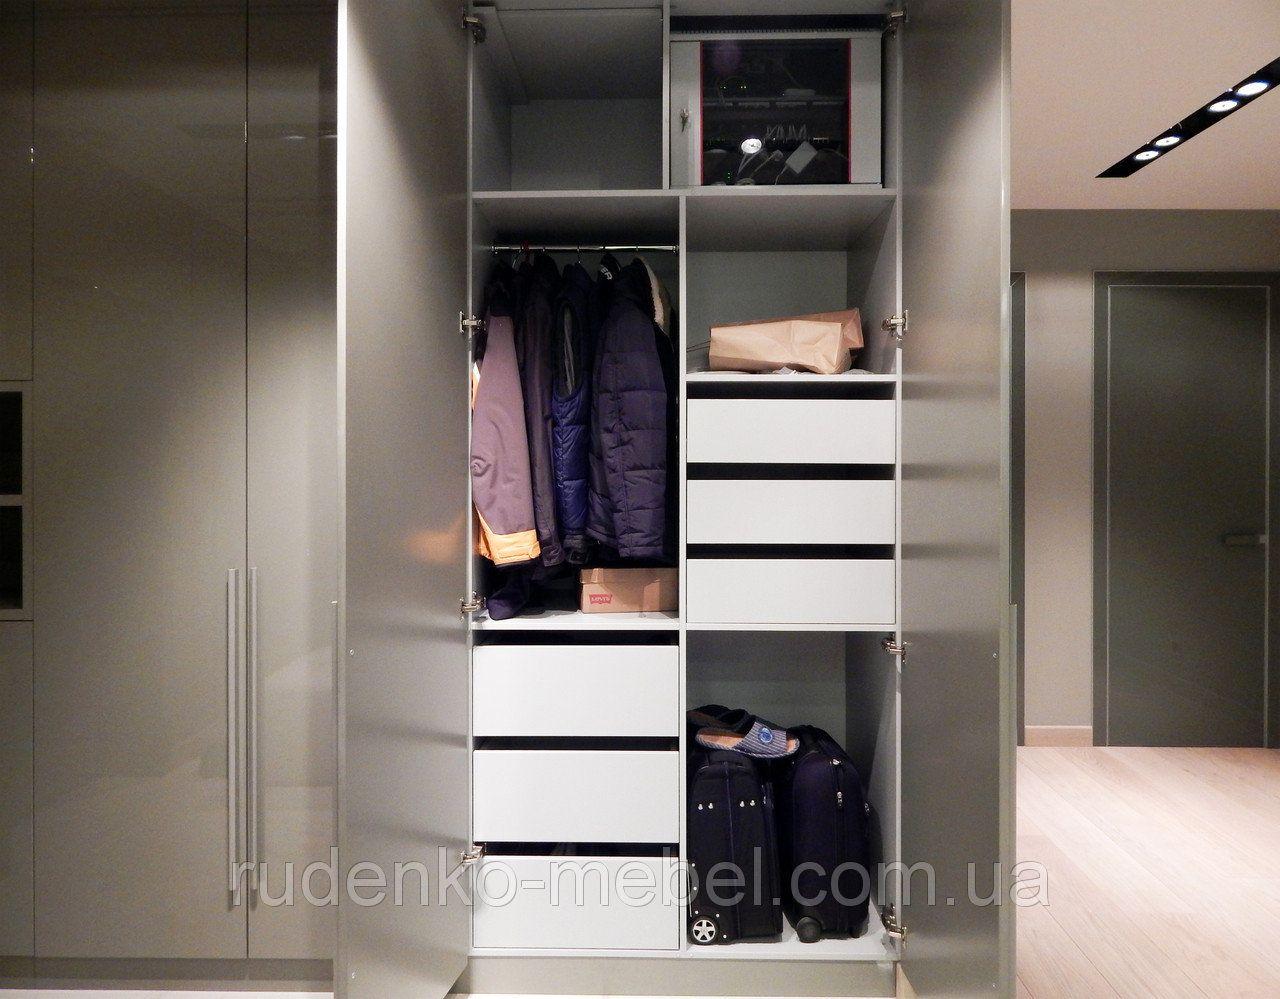 Встроенный распашной шкаф в прихожей, МДФ покраска - серый ...